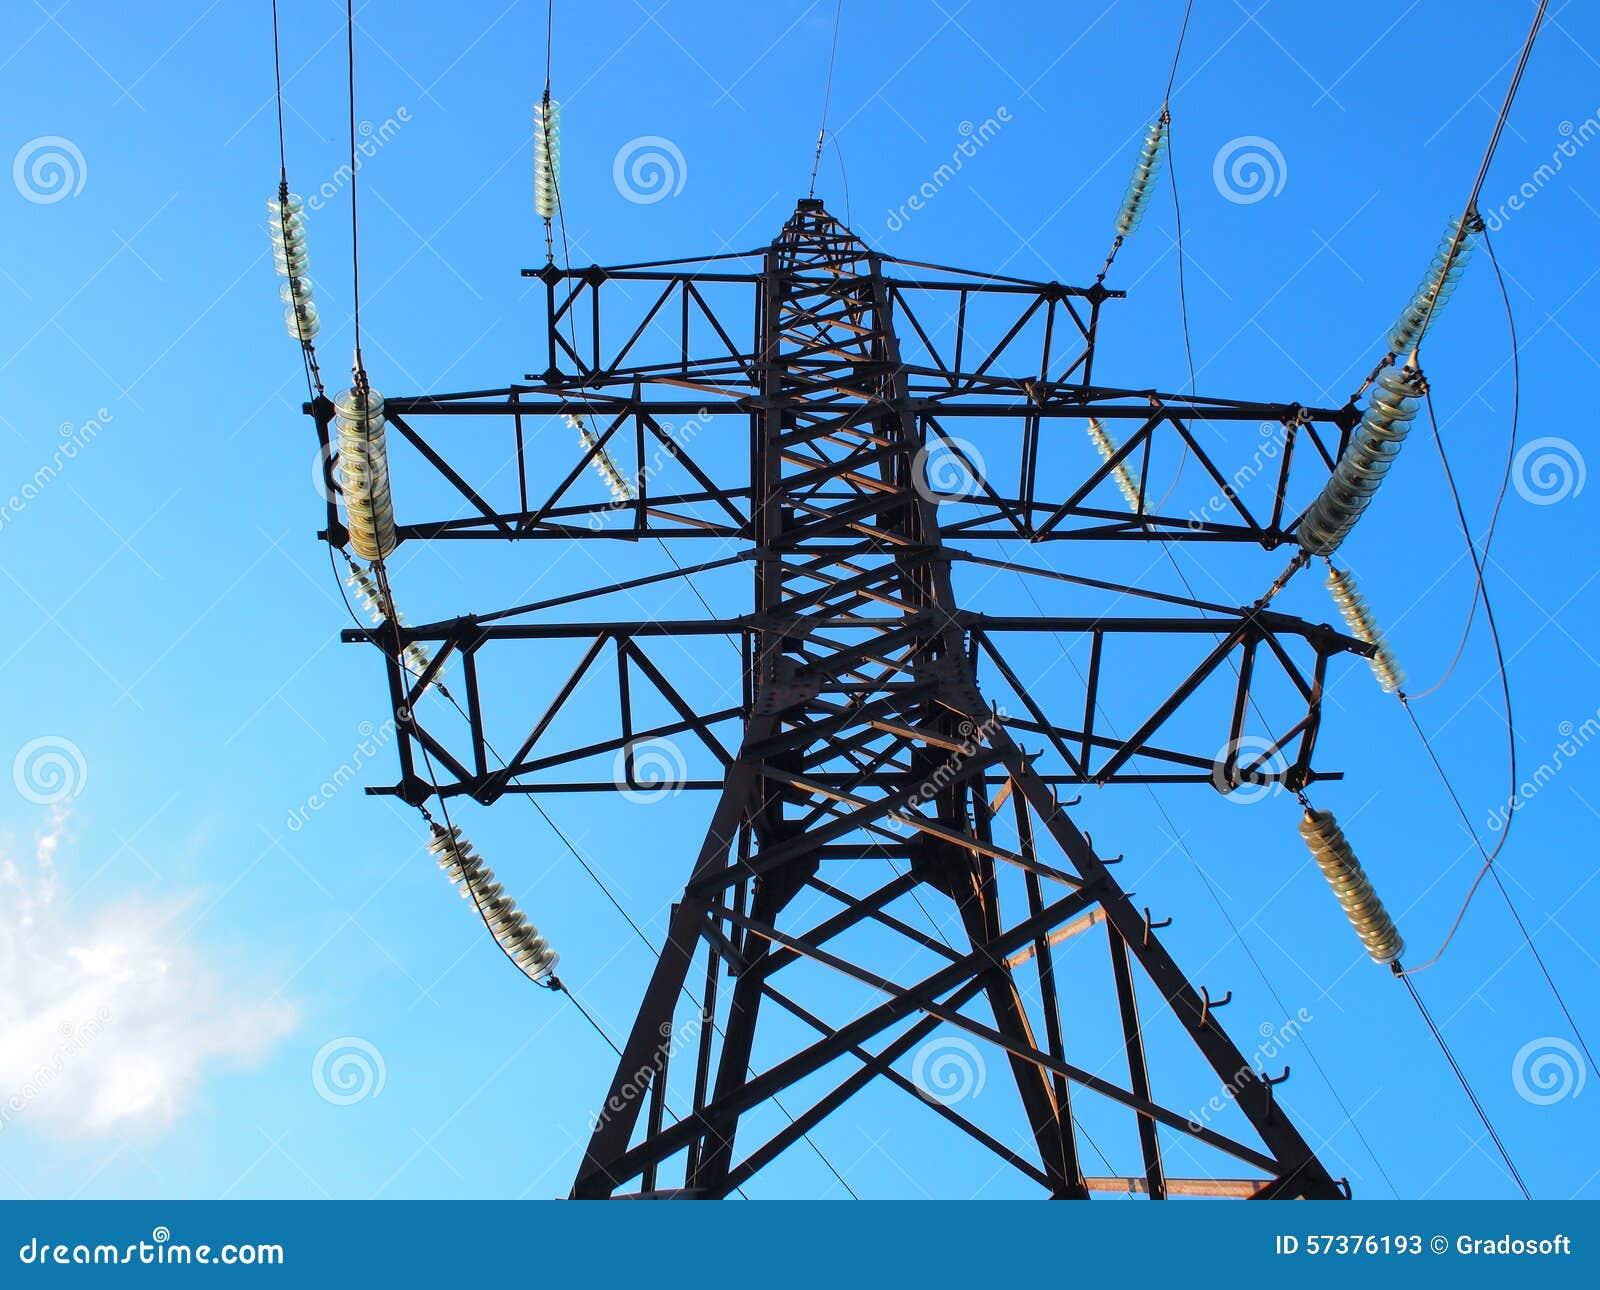 Bodemmening van de metaaltoren met hoog voltage